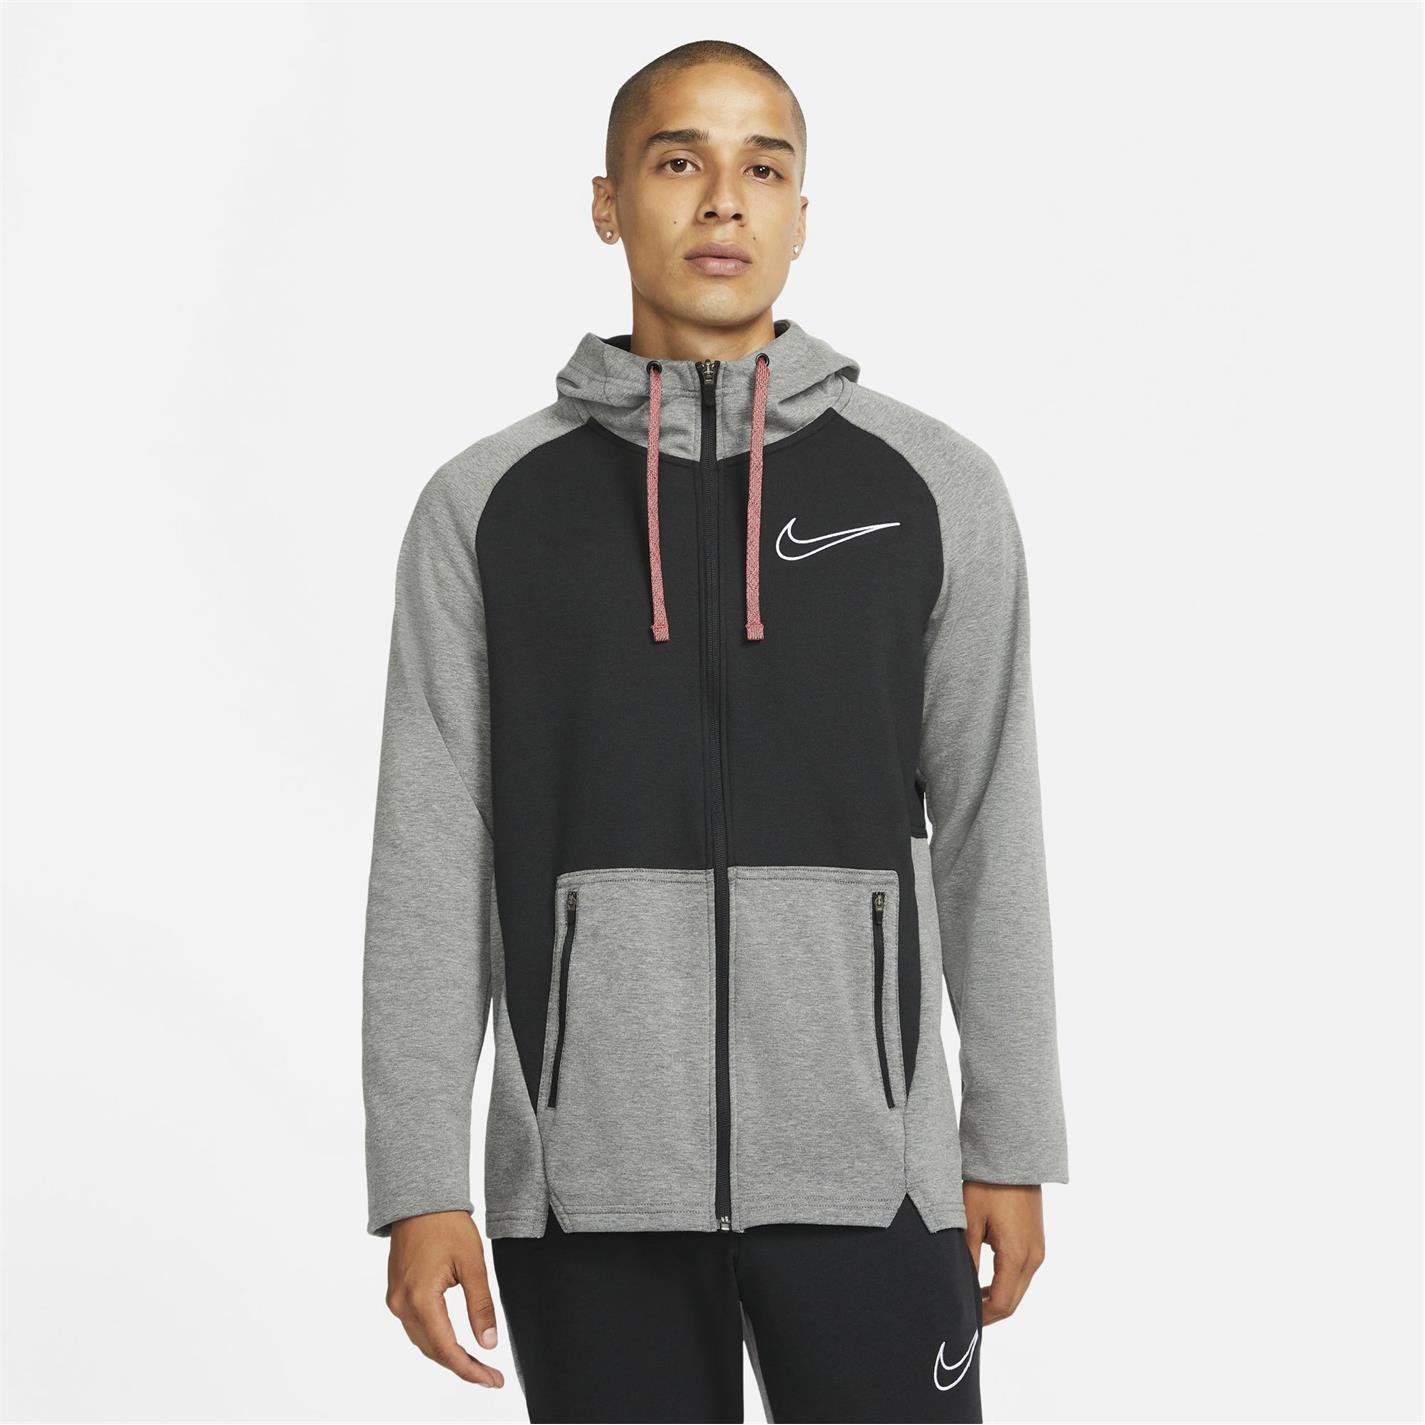 Hanorac Nike Therma-FIT Full-cu fermoar antrenament pentru Barbati negru